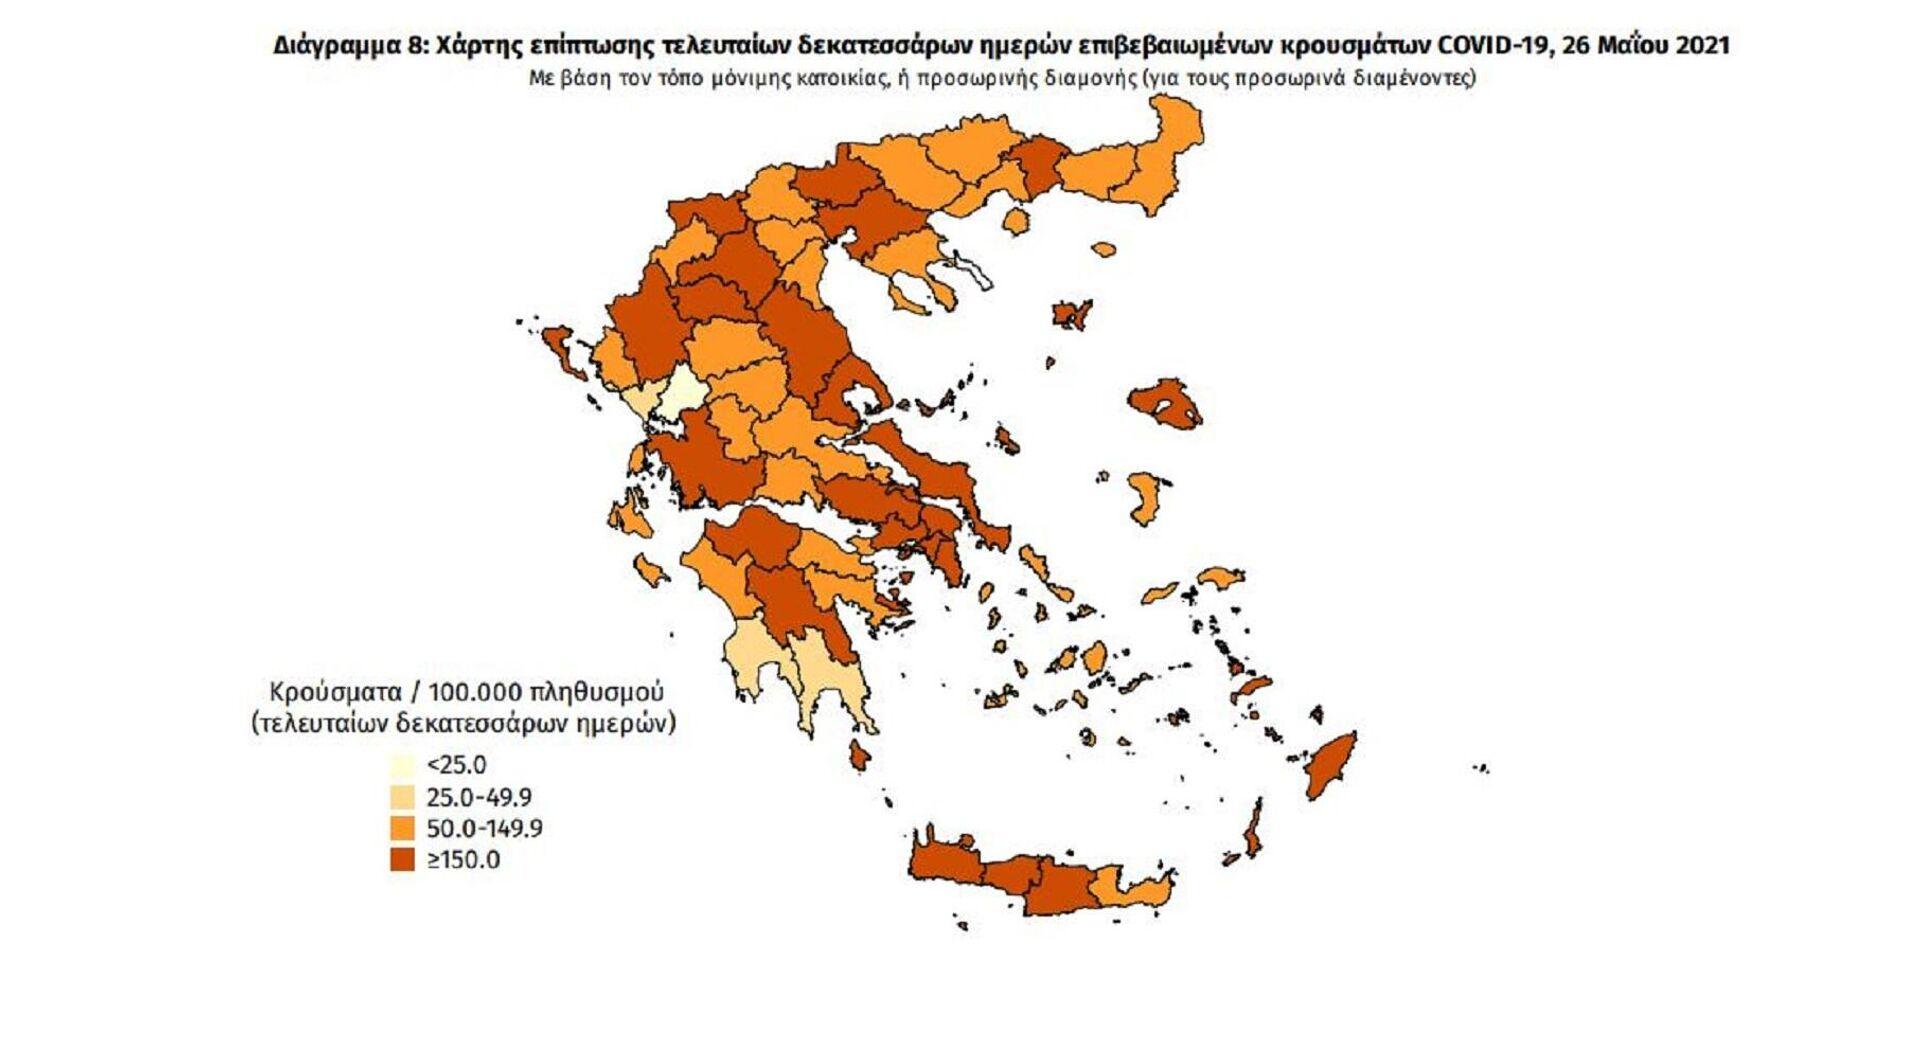 Χάρτης επίπτωσης τελευταίων δεκατεσσάρων ημερών επιβεβαιωμένων κρουσμάτων COVID-19, 26 Μαΐου 2021 - Sputnik Ελλάδα, 1920, 26.05.2021